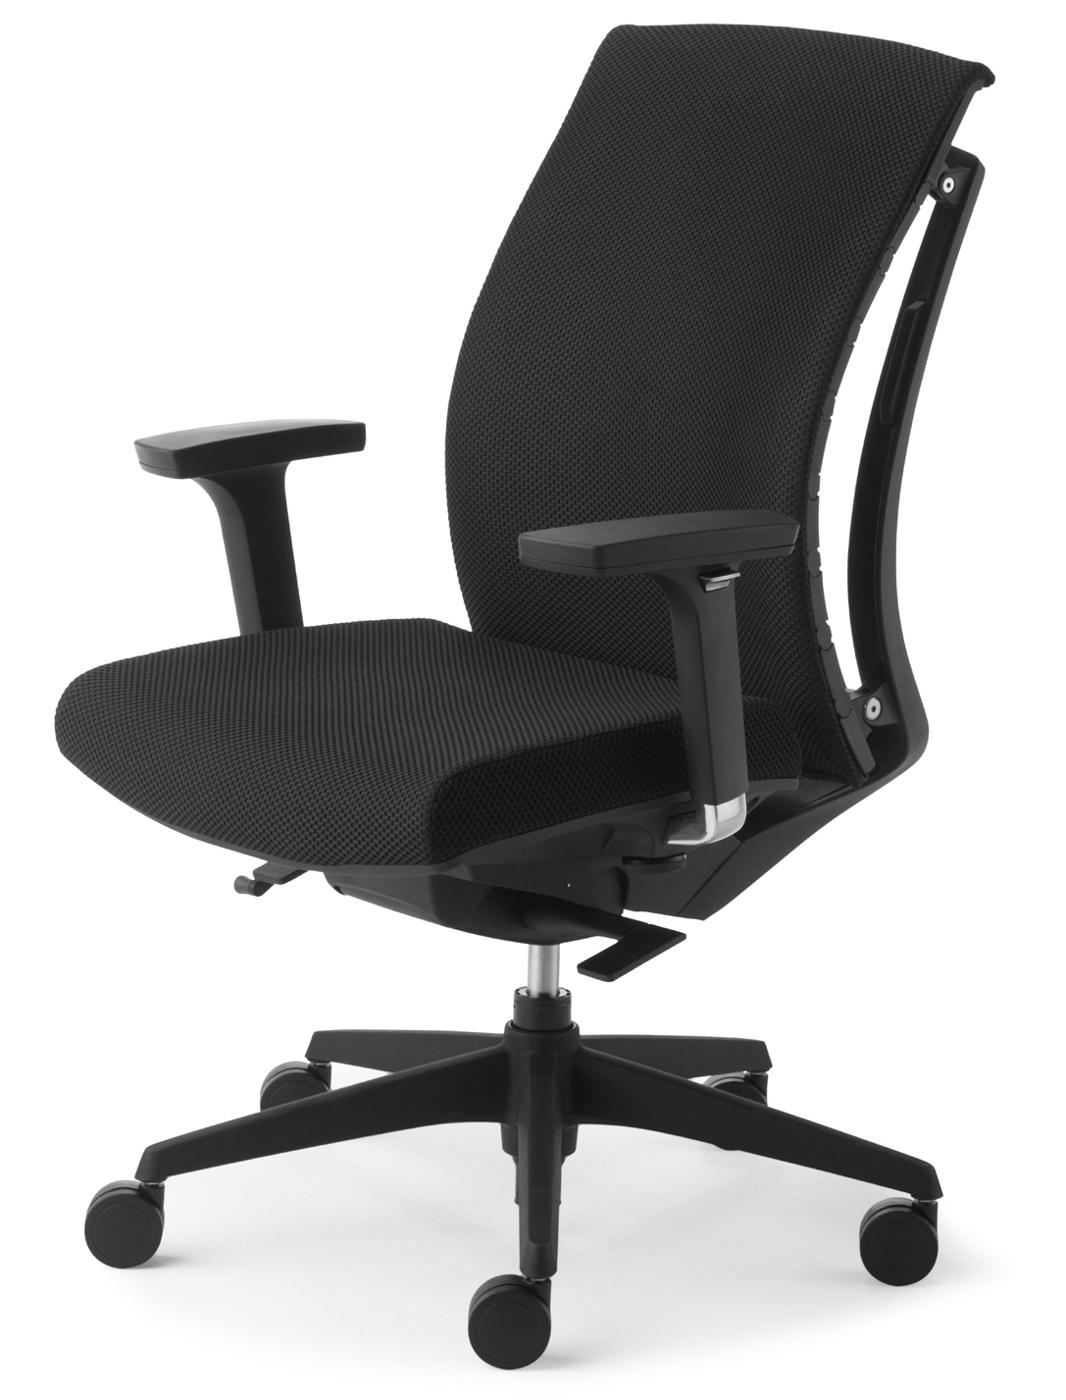 Drehsessel Arti Chair 2453 schwarz Mayer